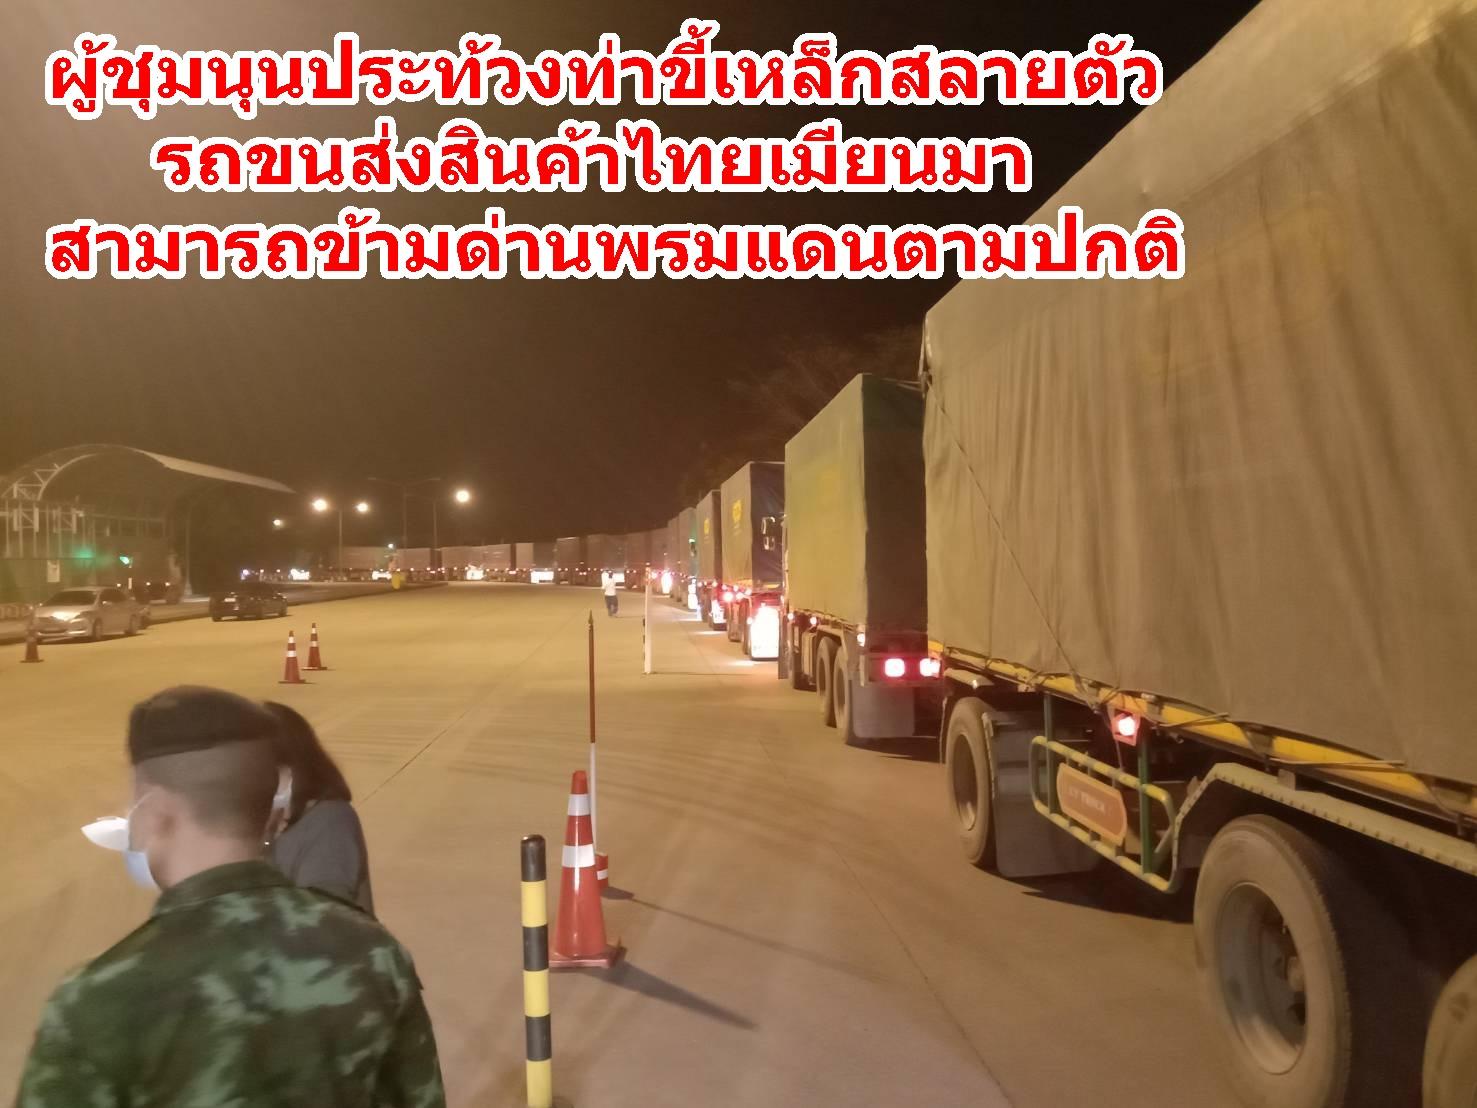 ผู้ชุมนุนประท้วงท่าขี้เหล็กสลายตัว รถขนส่งสินค้าไทยเมียนมา สามารถข้ามด่านพรมแดนตามปกติ